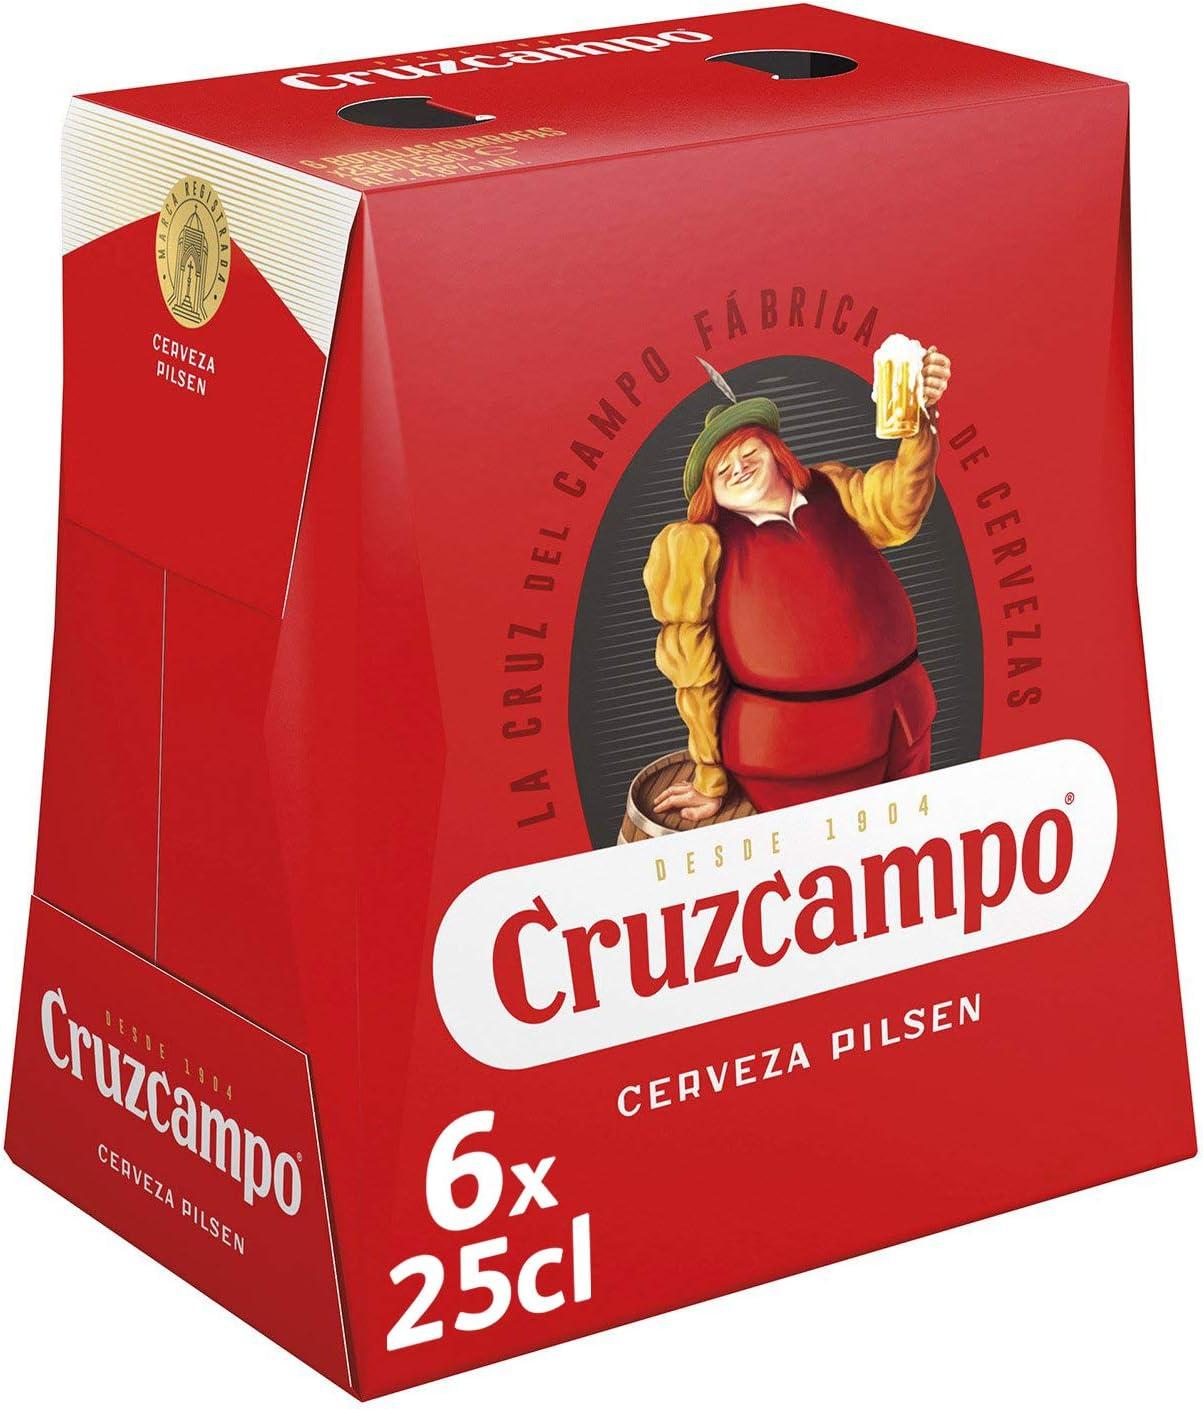 Cruzcampo Cerveza - Pack de 6 Botellas x 250 ml (Total: 1.5 L): Amazon.es: Alimentación y bebidas